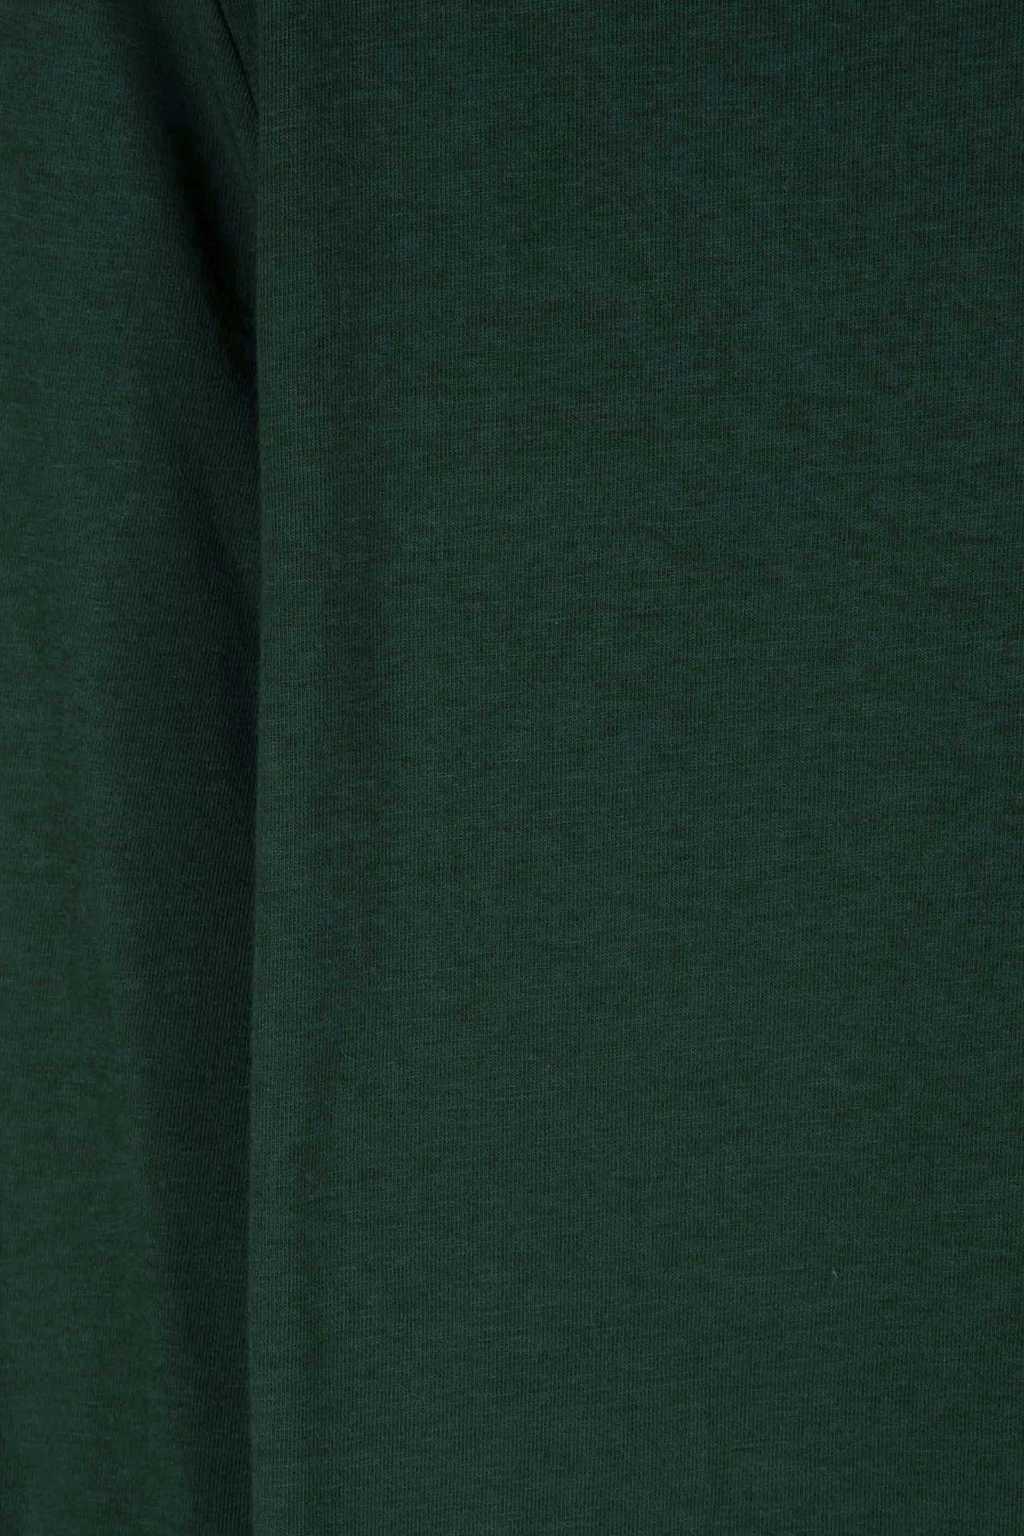 TShirt 1814 Green 8